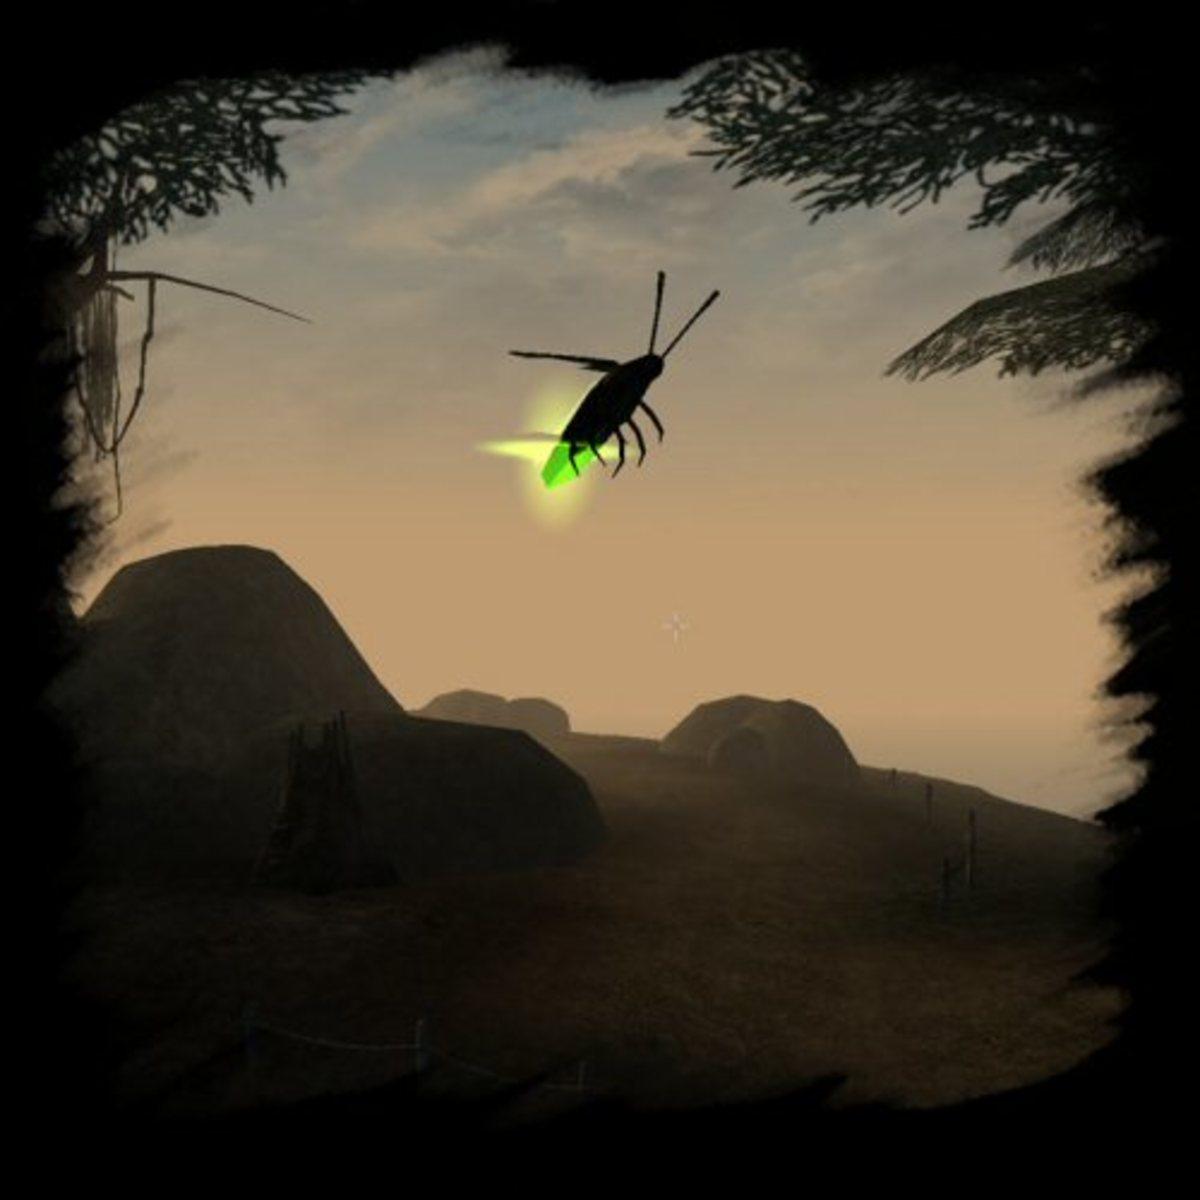 Fire fly in flight